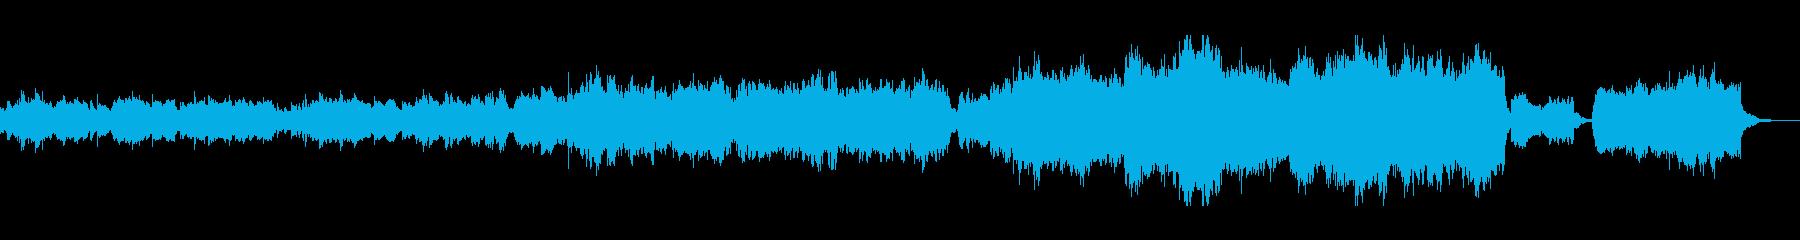 神聖で神秘的なリラクゼーションサウンドの再生済みの波形